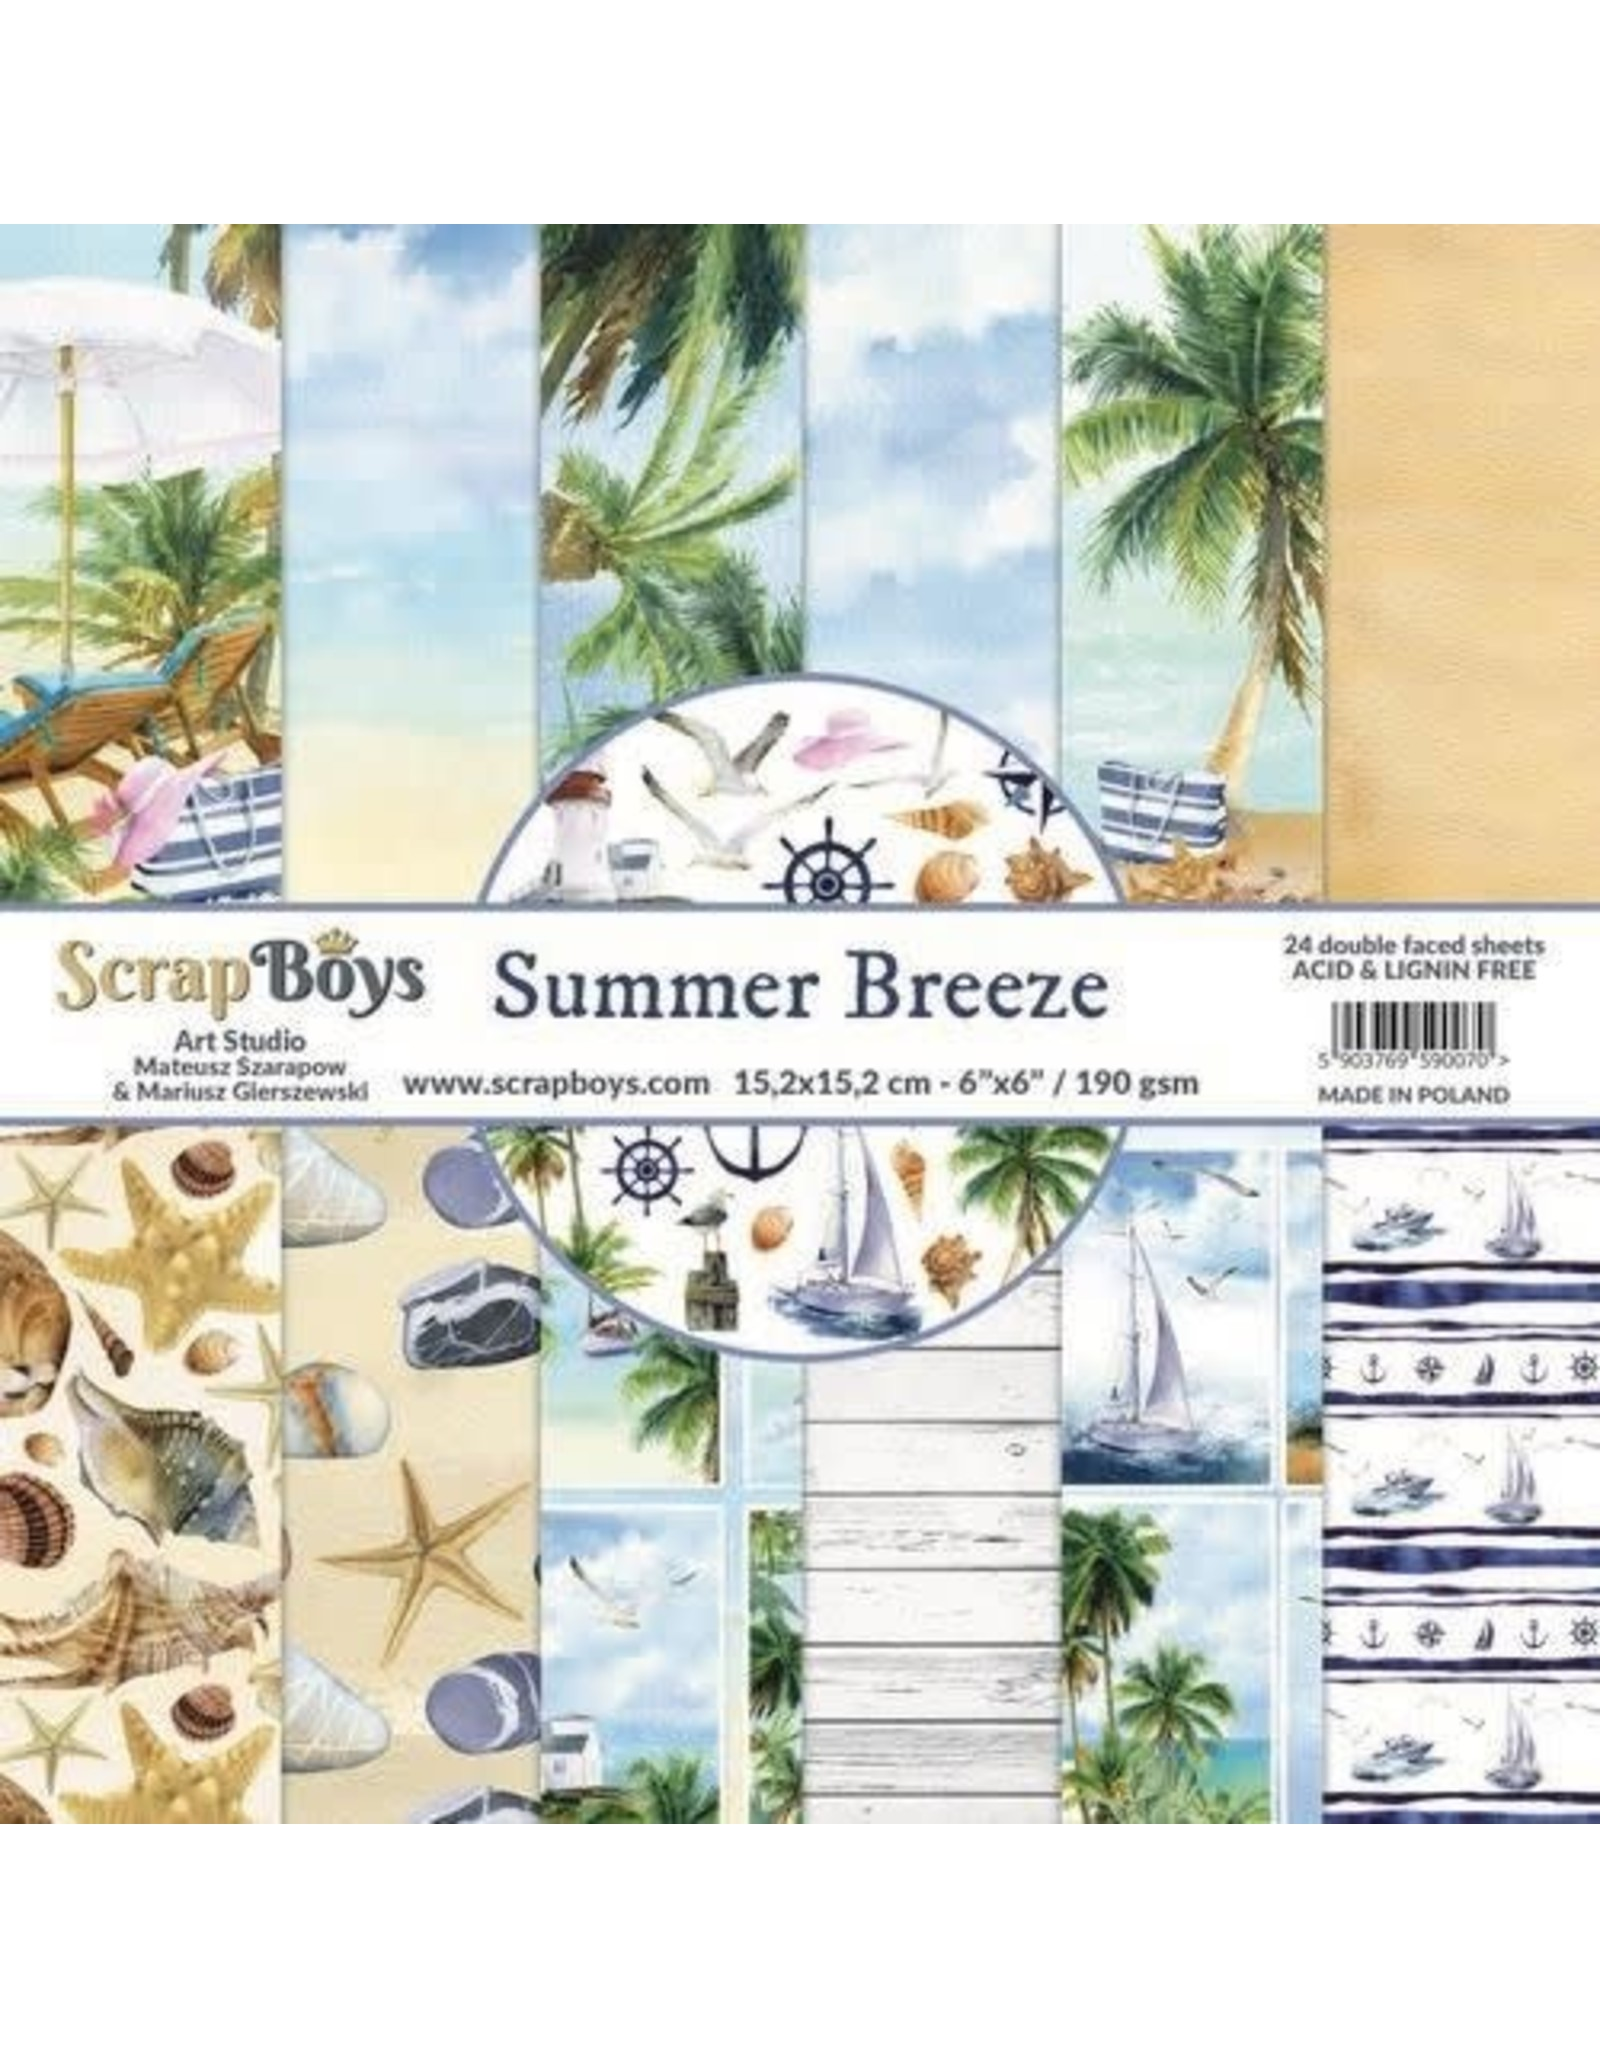 Scrapboys ScrapBoys Summer Breeze paperpad 24 vl+cut out elements-DZ SUBR-09 190gr 15,2 x 15,2cm